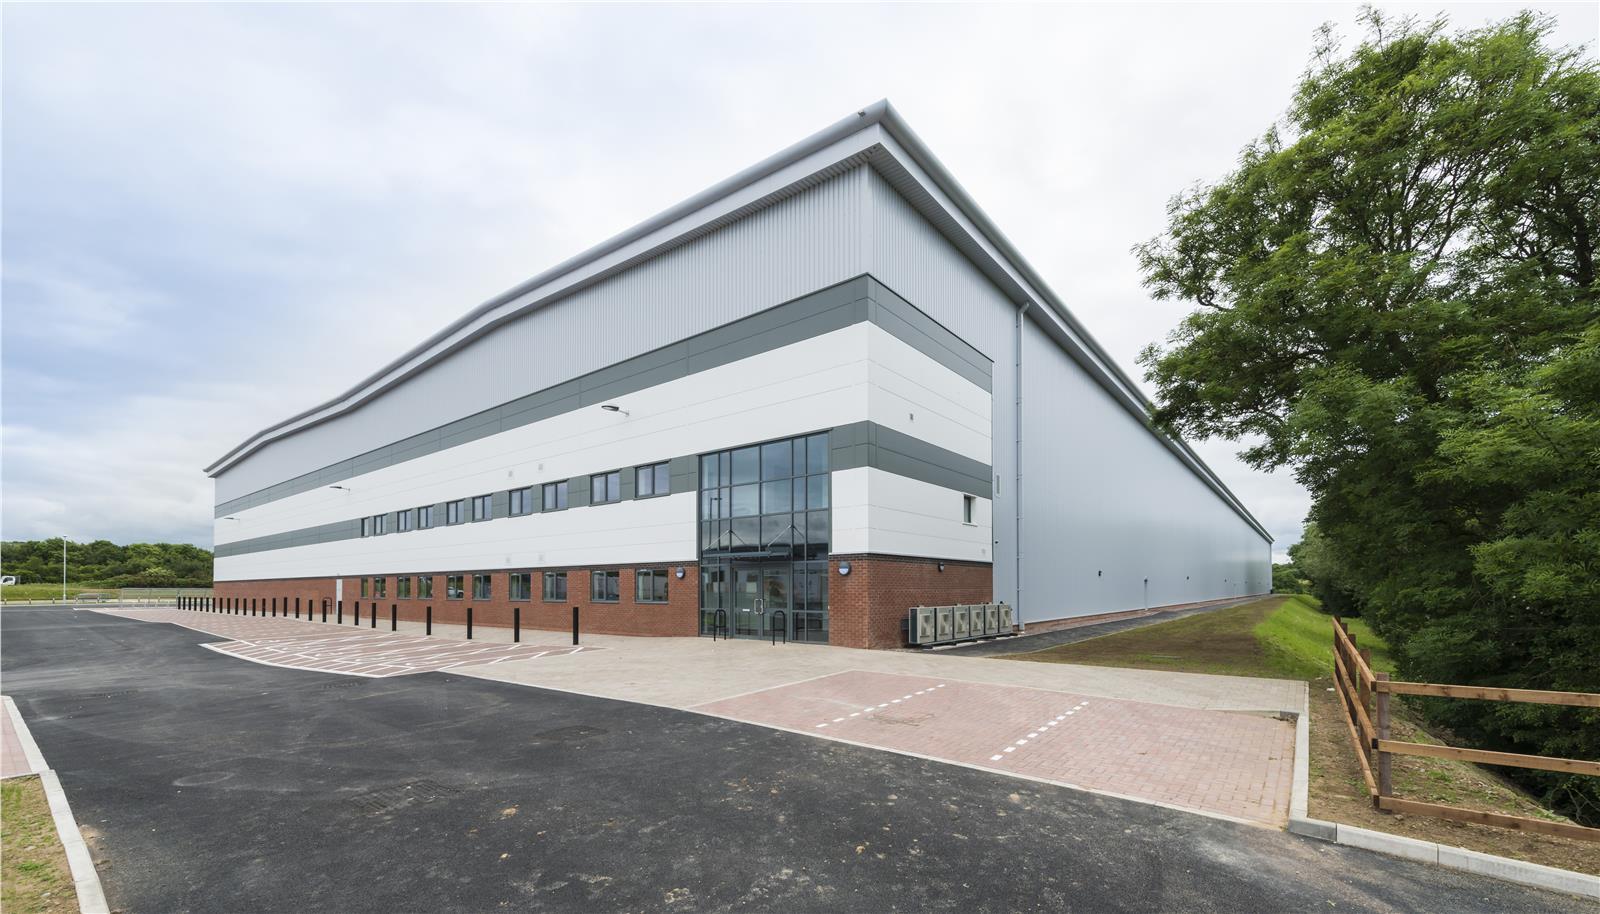 CP153 Centurion Park, Centurion Way, Wilnecote, Tamworth, West Midlands, B77